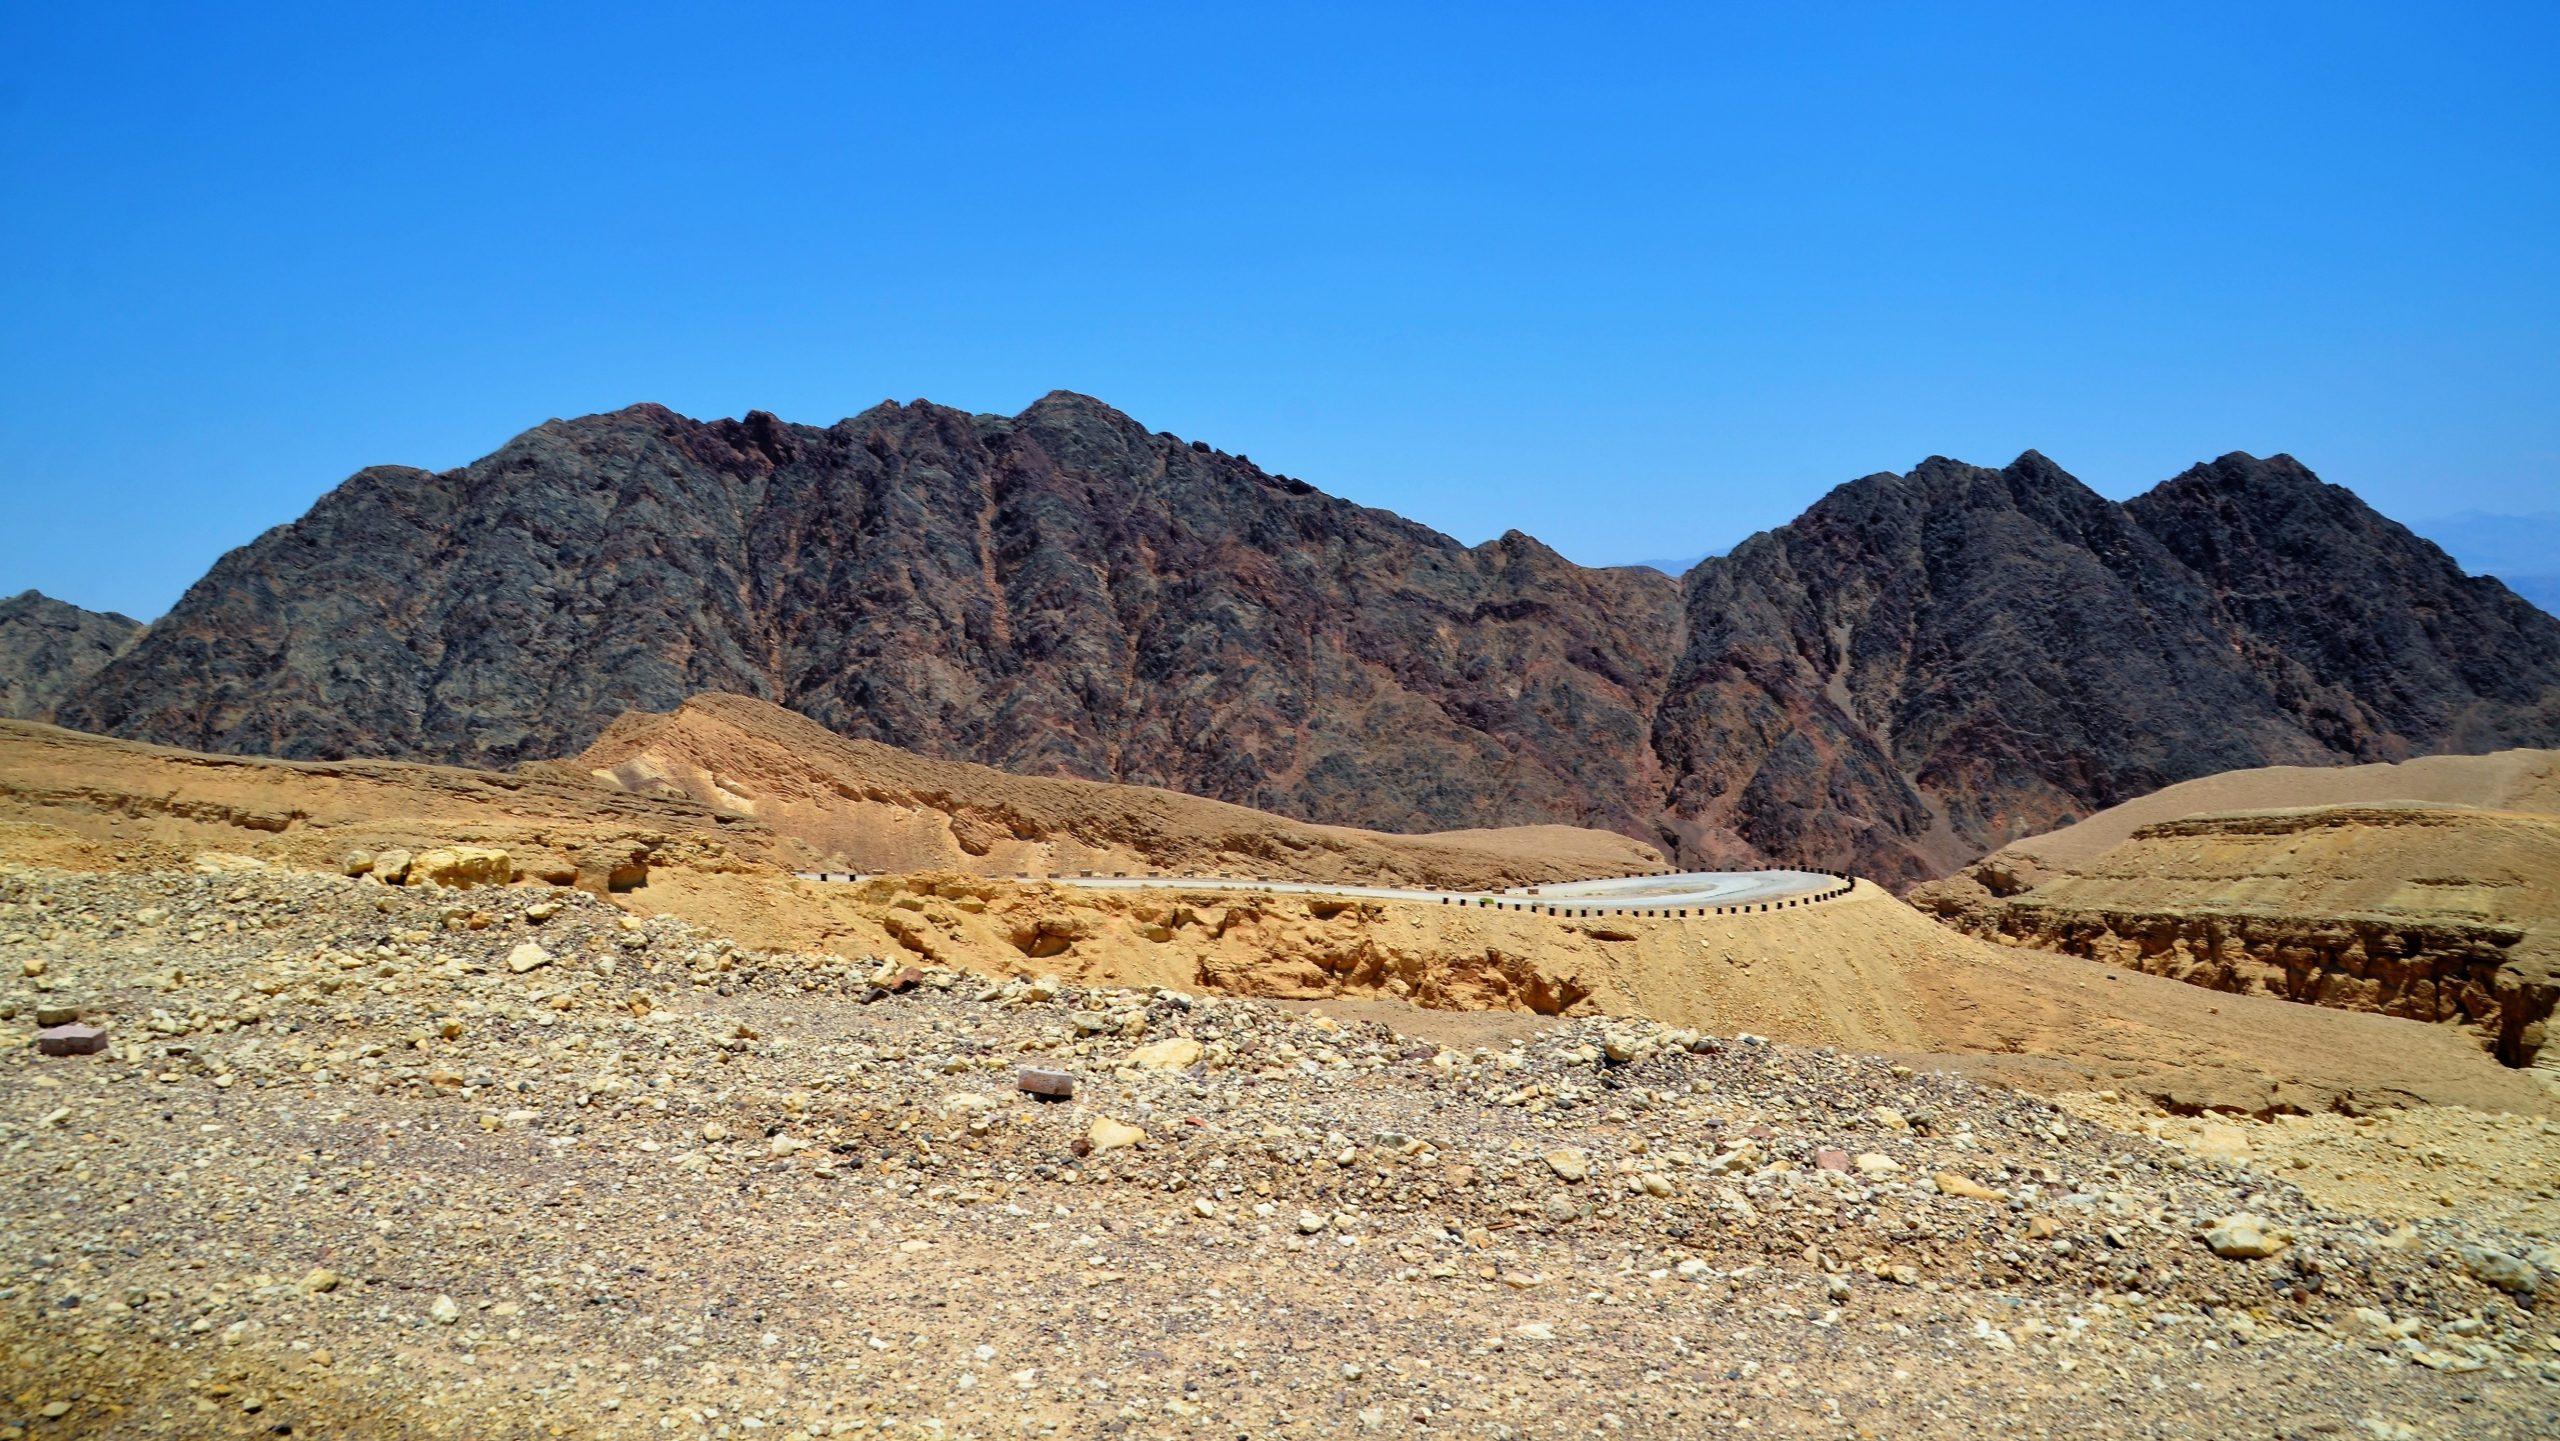 Blick auf die jordanischen Berge kurz vor Eilat